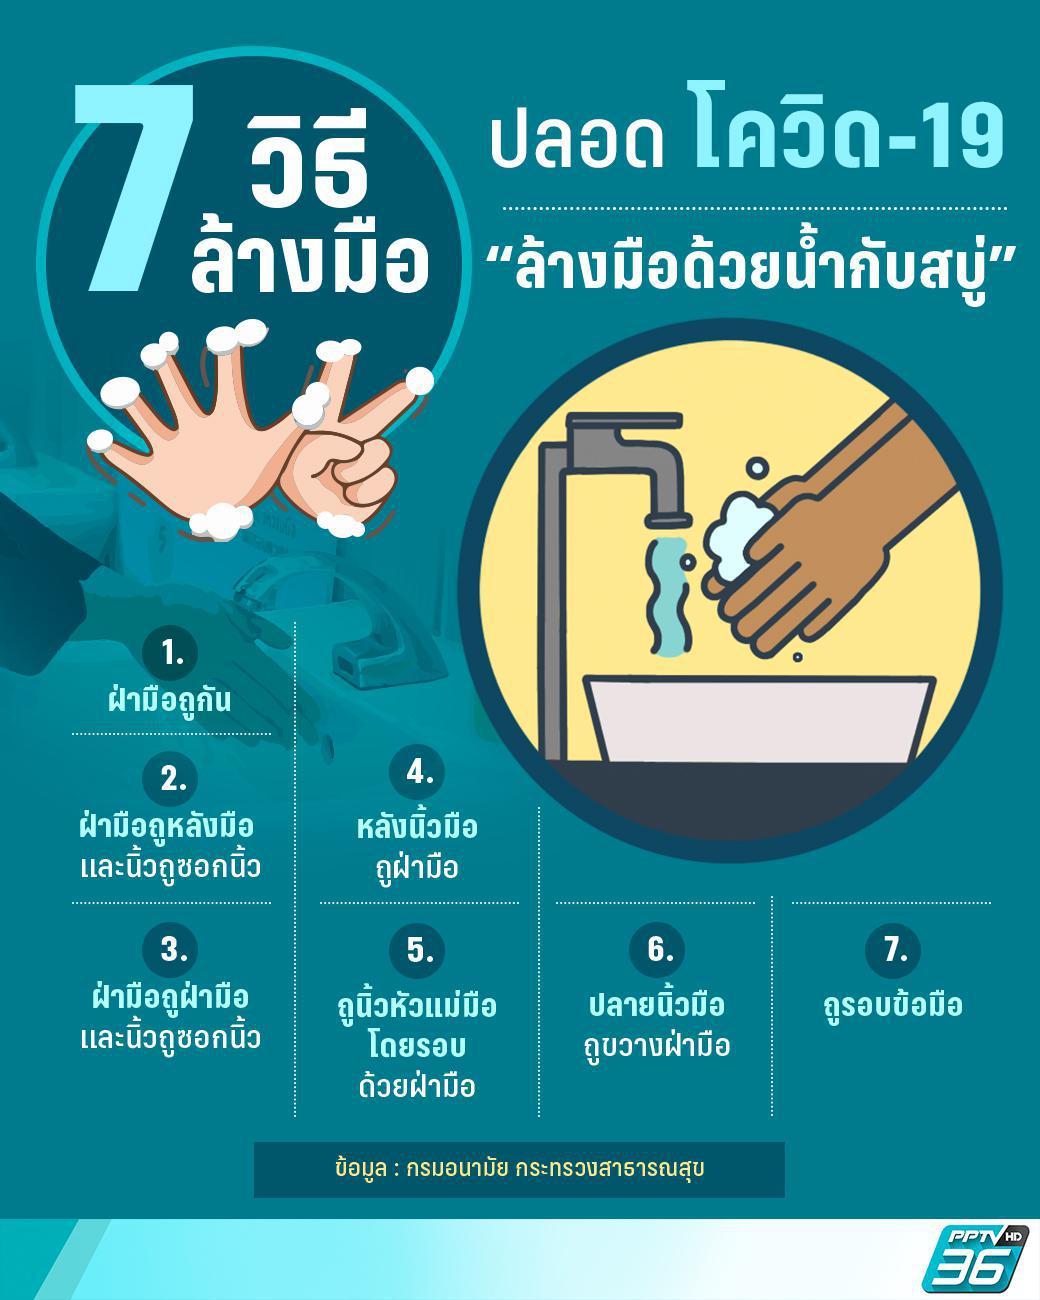 7 วิธีล้างมือให้ปลอดภัยจากโควิด-19